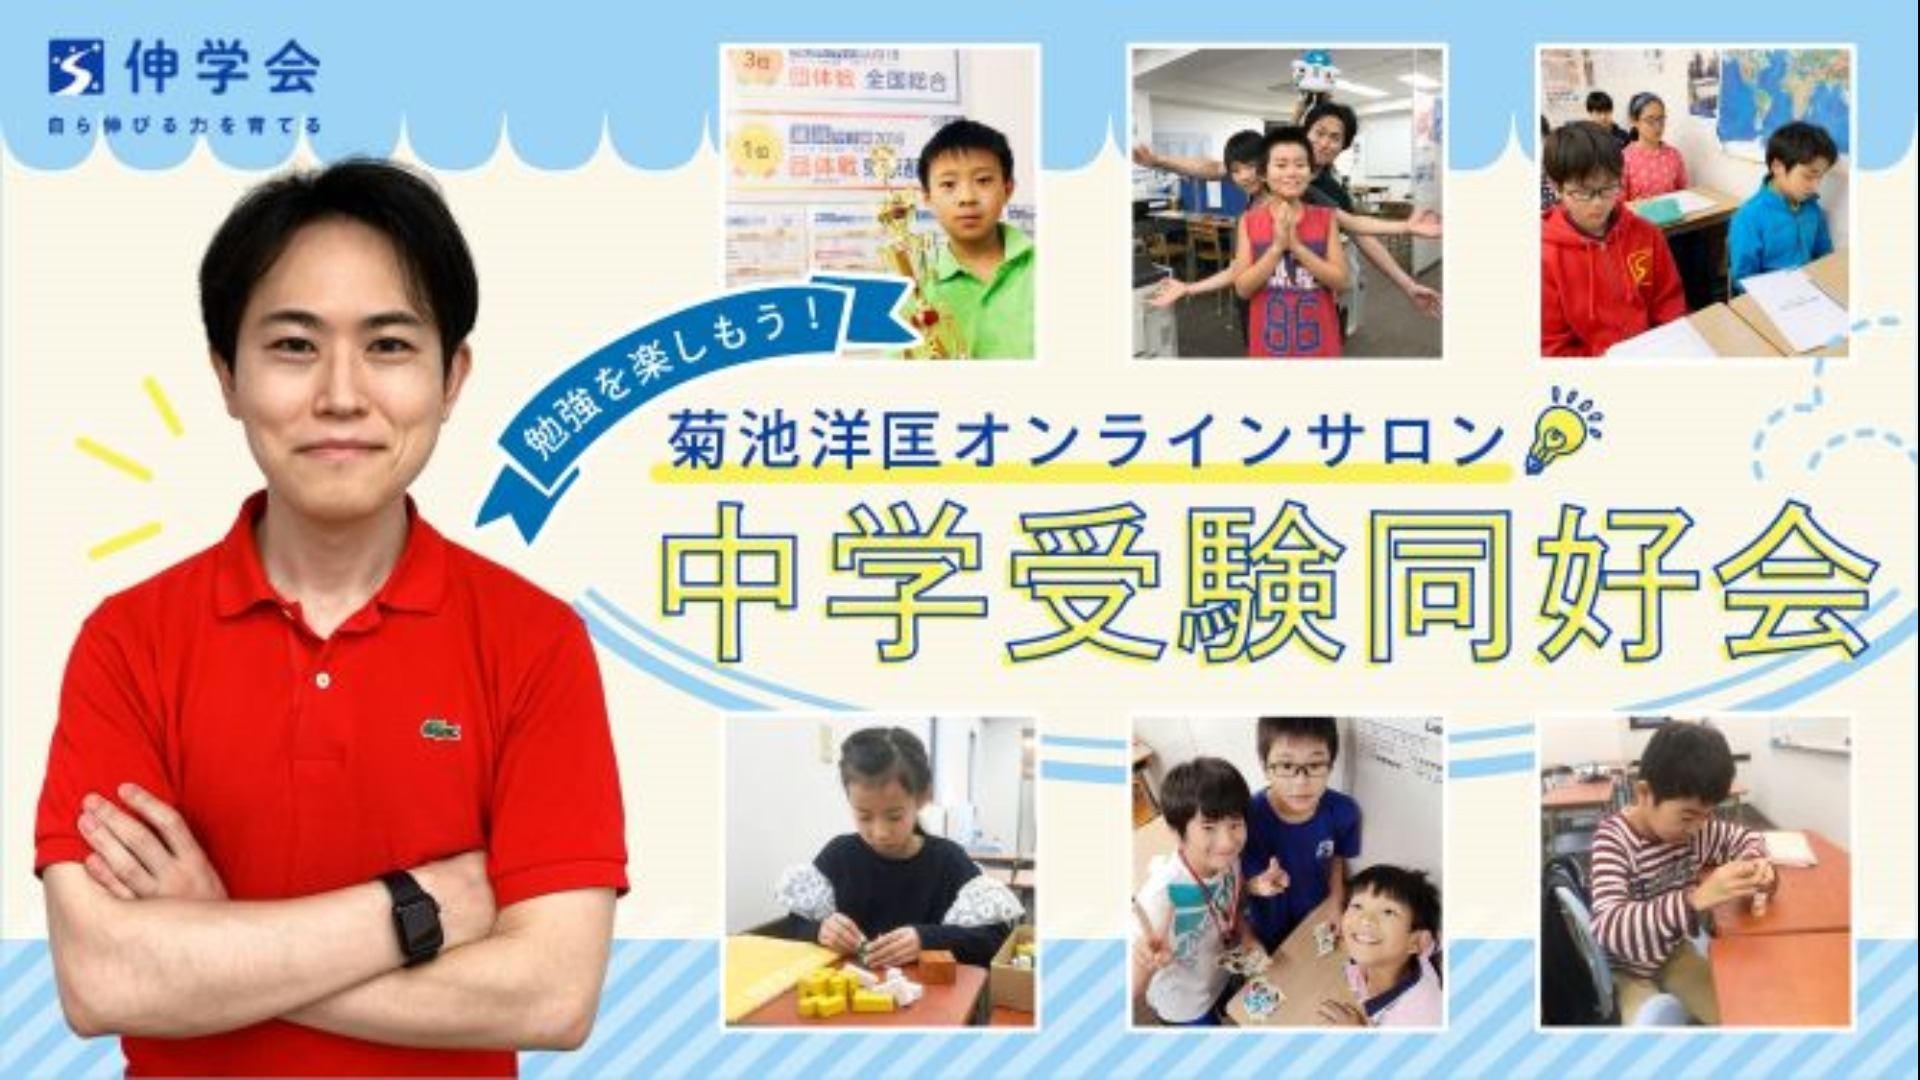 菊池洋匡オンラインサロン「中学受験同好会」